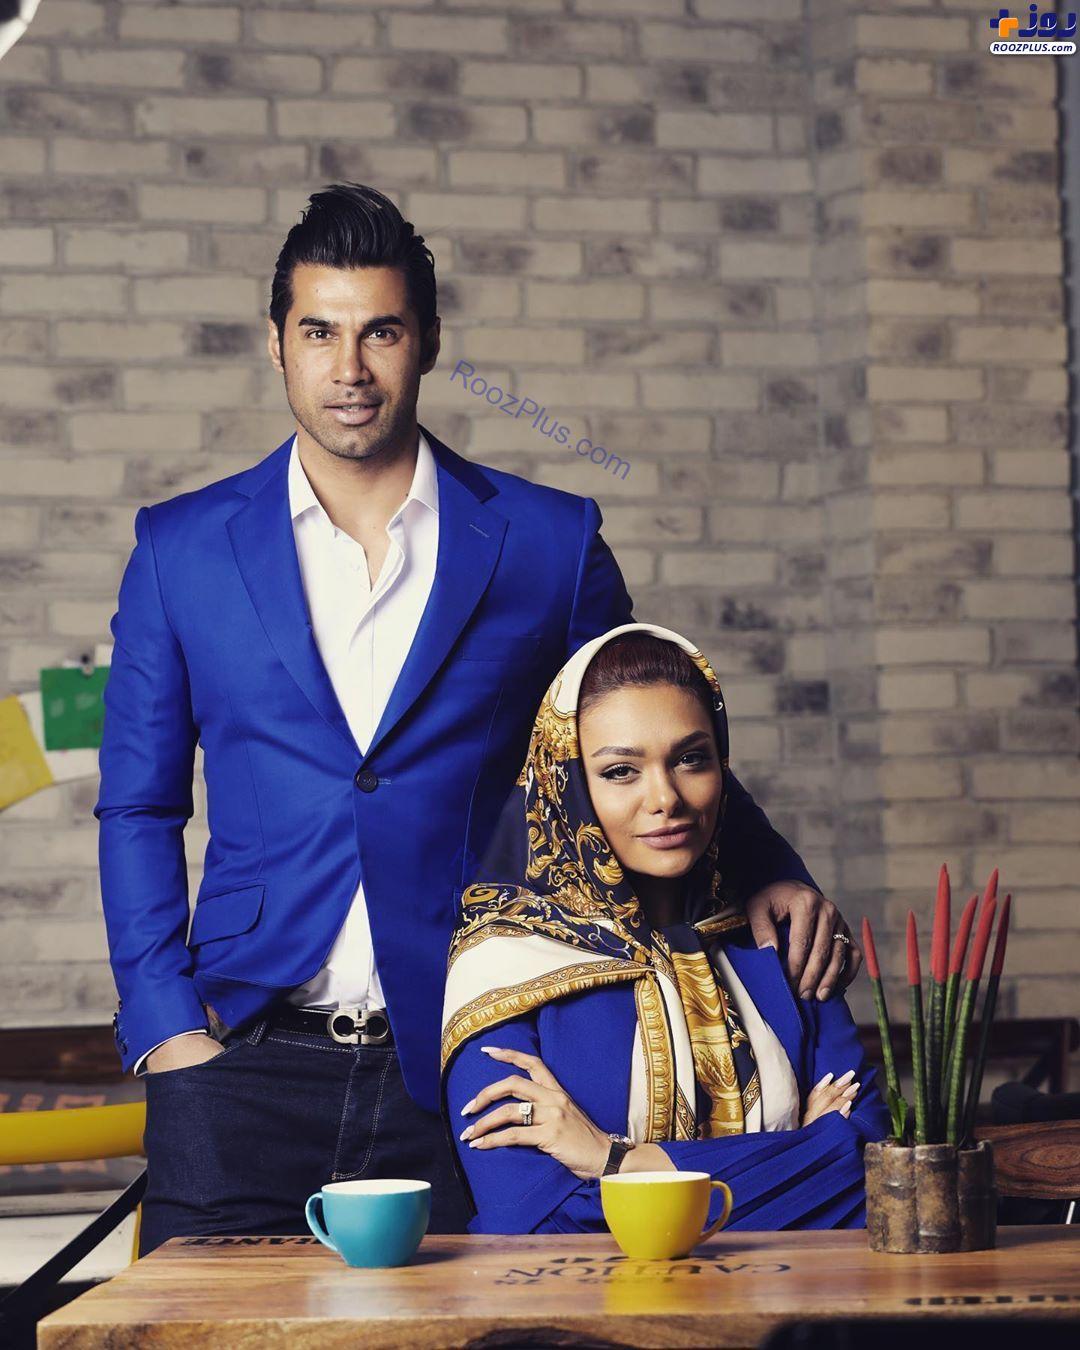 محسن فروزان در کنار همسرش+عکس